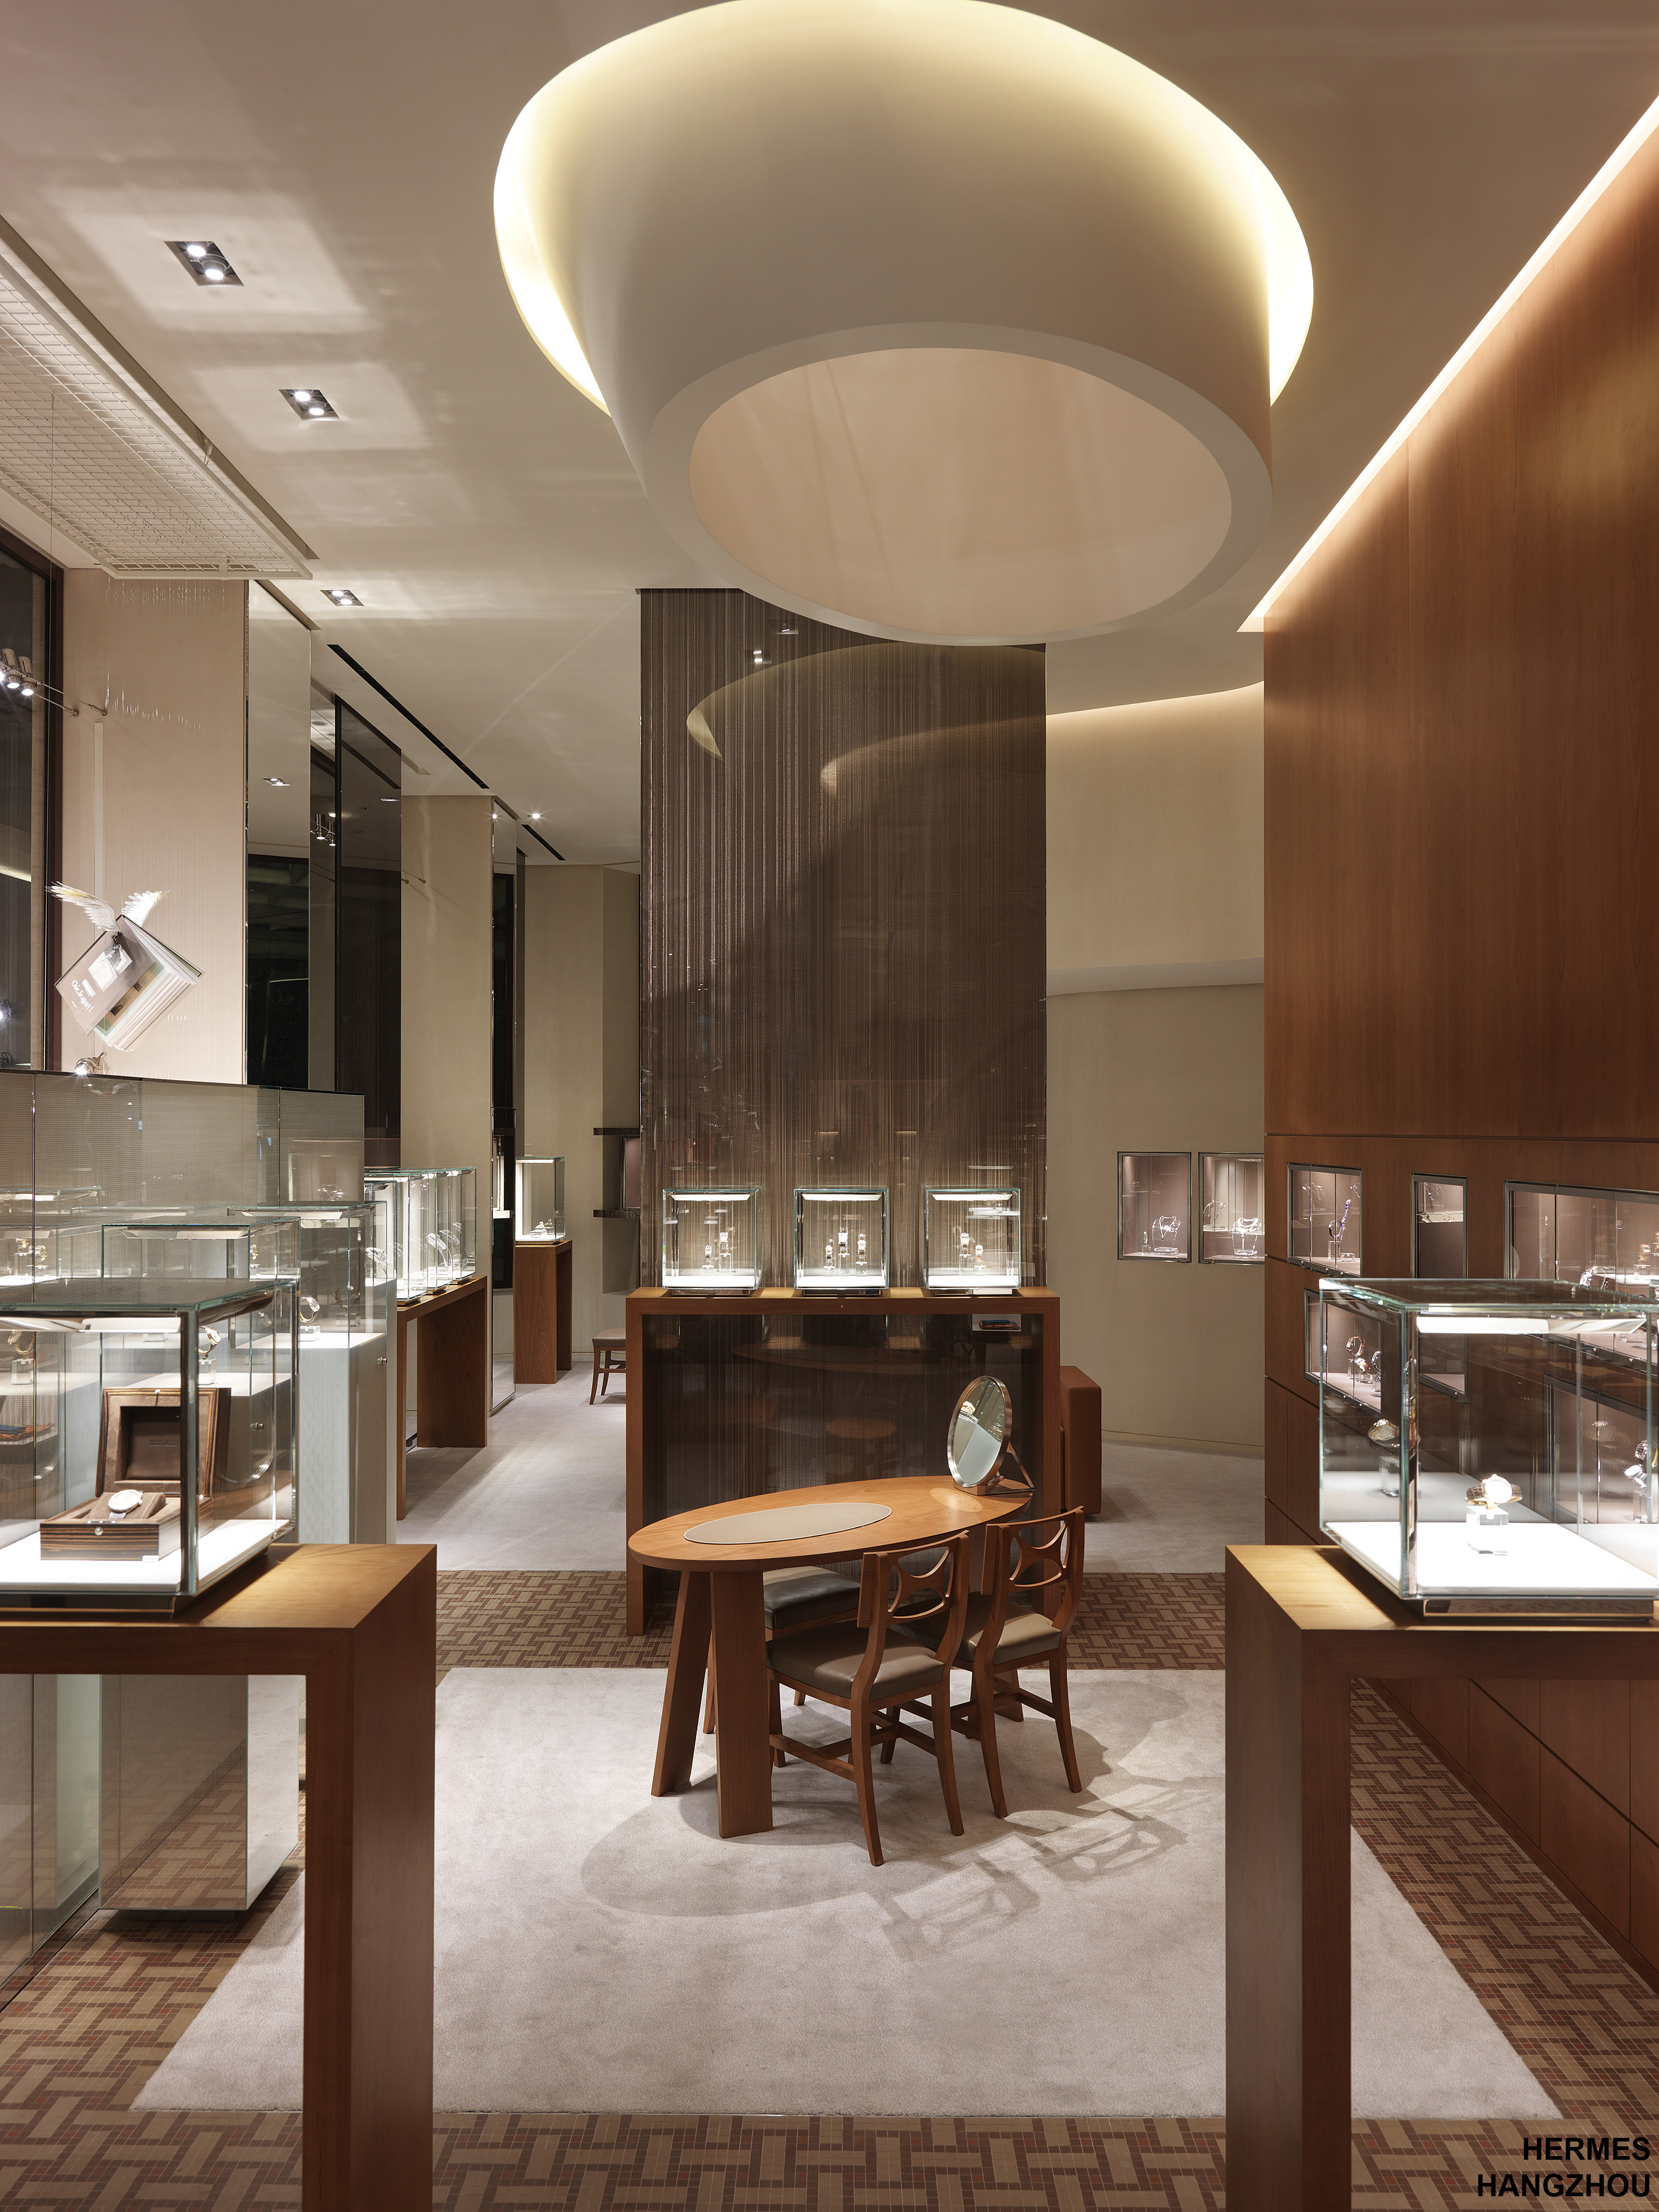 Hermès Hangzhou